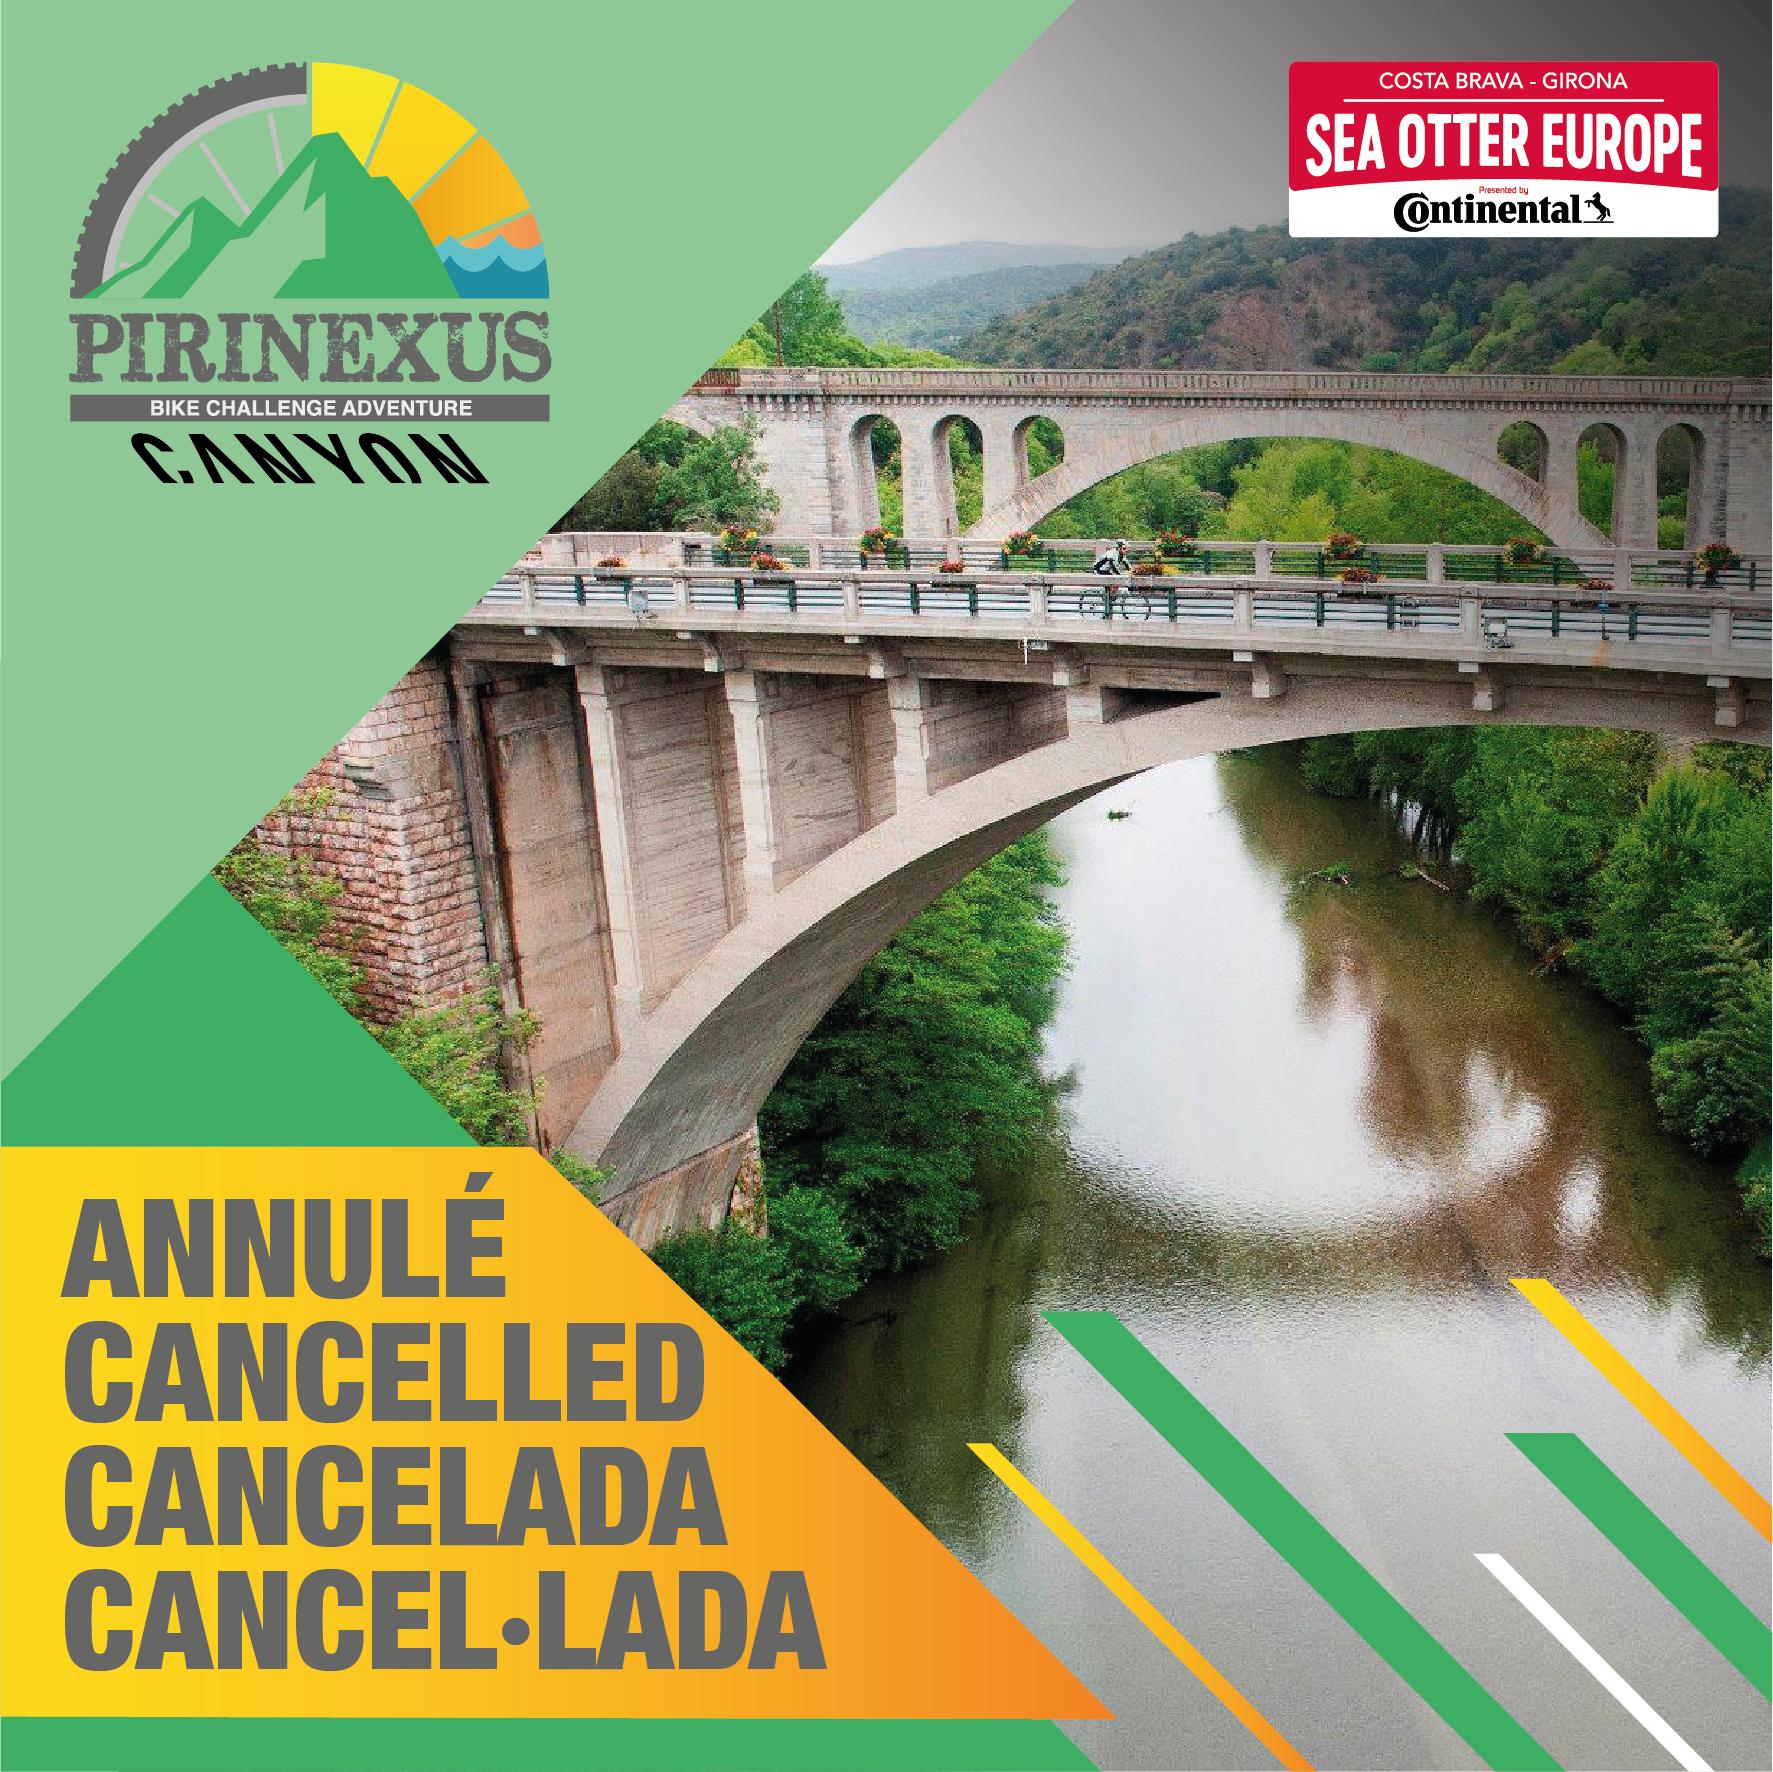 La Canyon Pirinexus Challenge 2020 esfusiona ambla Etixx Girona Gravel Ride